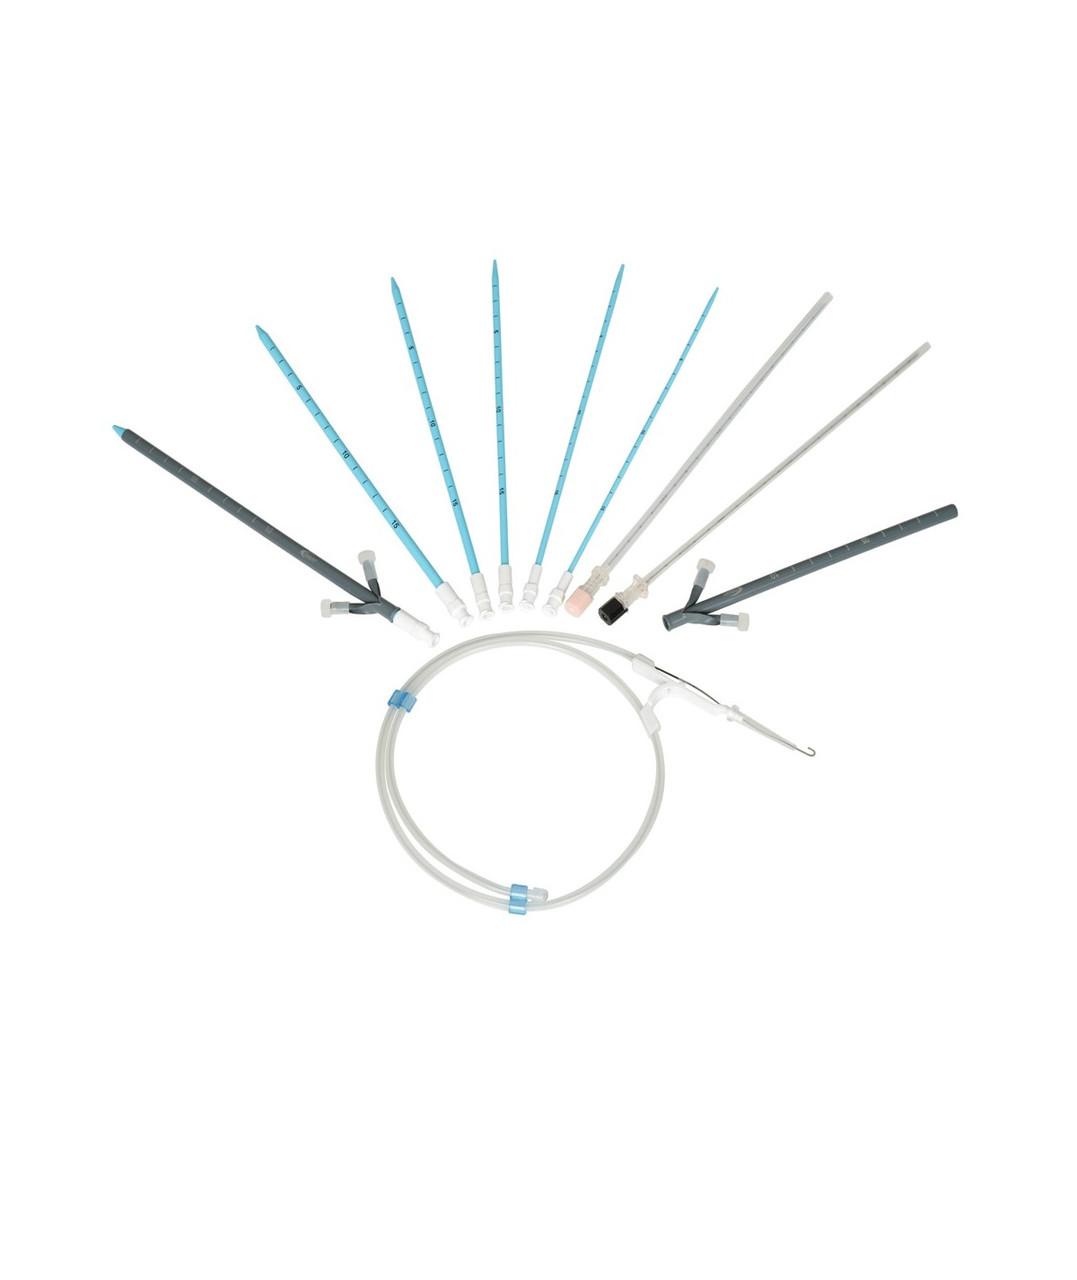 Набор для PCNL Innovex KP-18F F8-F18 игла, струна, дилататоры, интродюсер